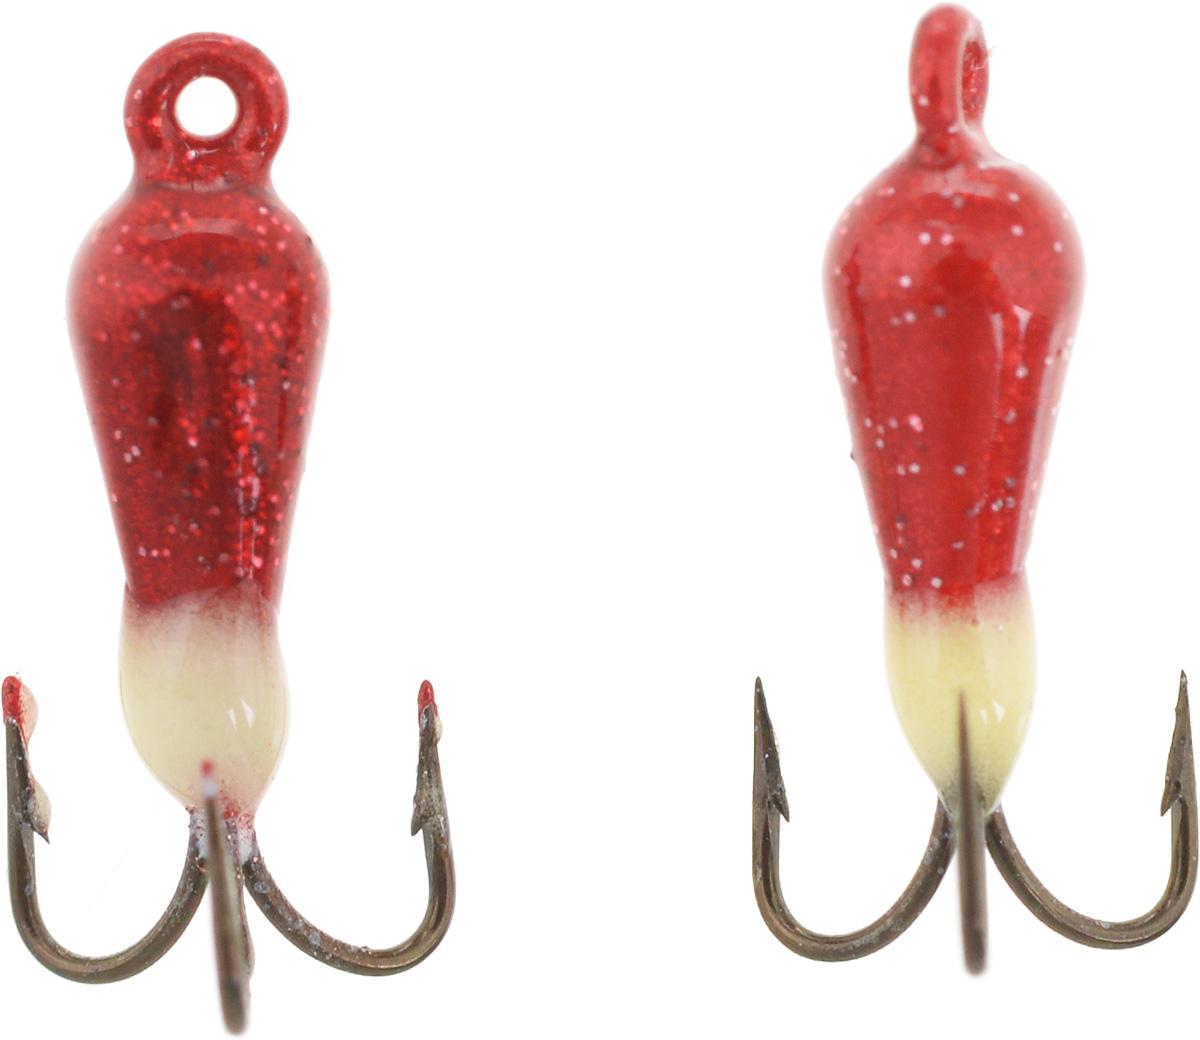 Чертик вольфрамовый Finnex, цвет: рубиновый, белый, 0,38 г, 2 штT1CA_рубиновый, белыйВольфрамовый чертик Finnex - одна из самых популярных приманок для ловли леща, плотвы и другой белой рыбы. Особенно хорошо работает приманка на всевозможных водохранилищах. Не пропустит ее и другая рыба, в том числе окунь, судак и щука.